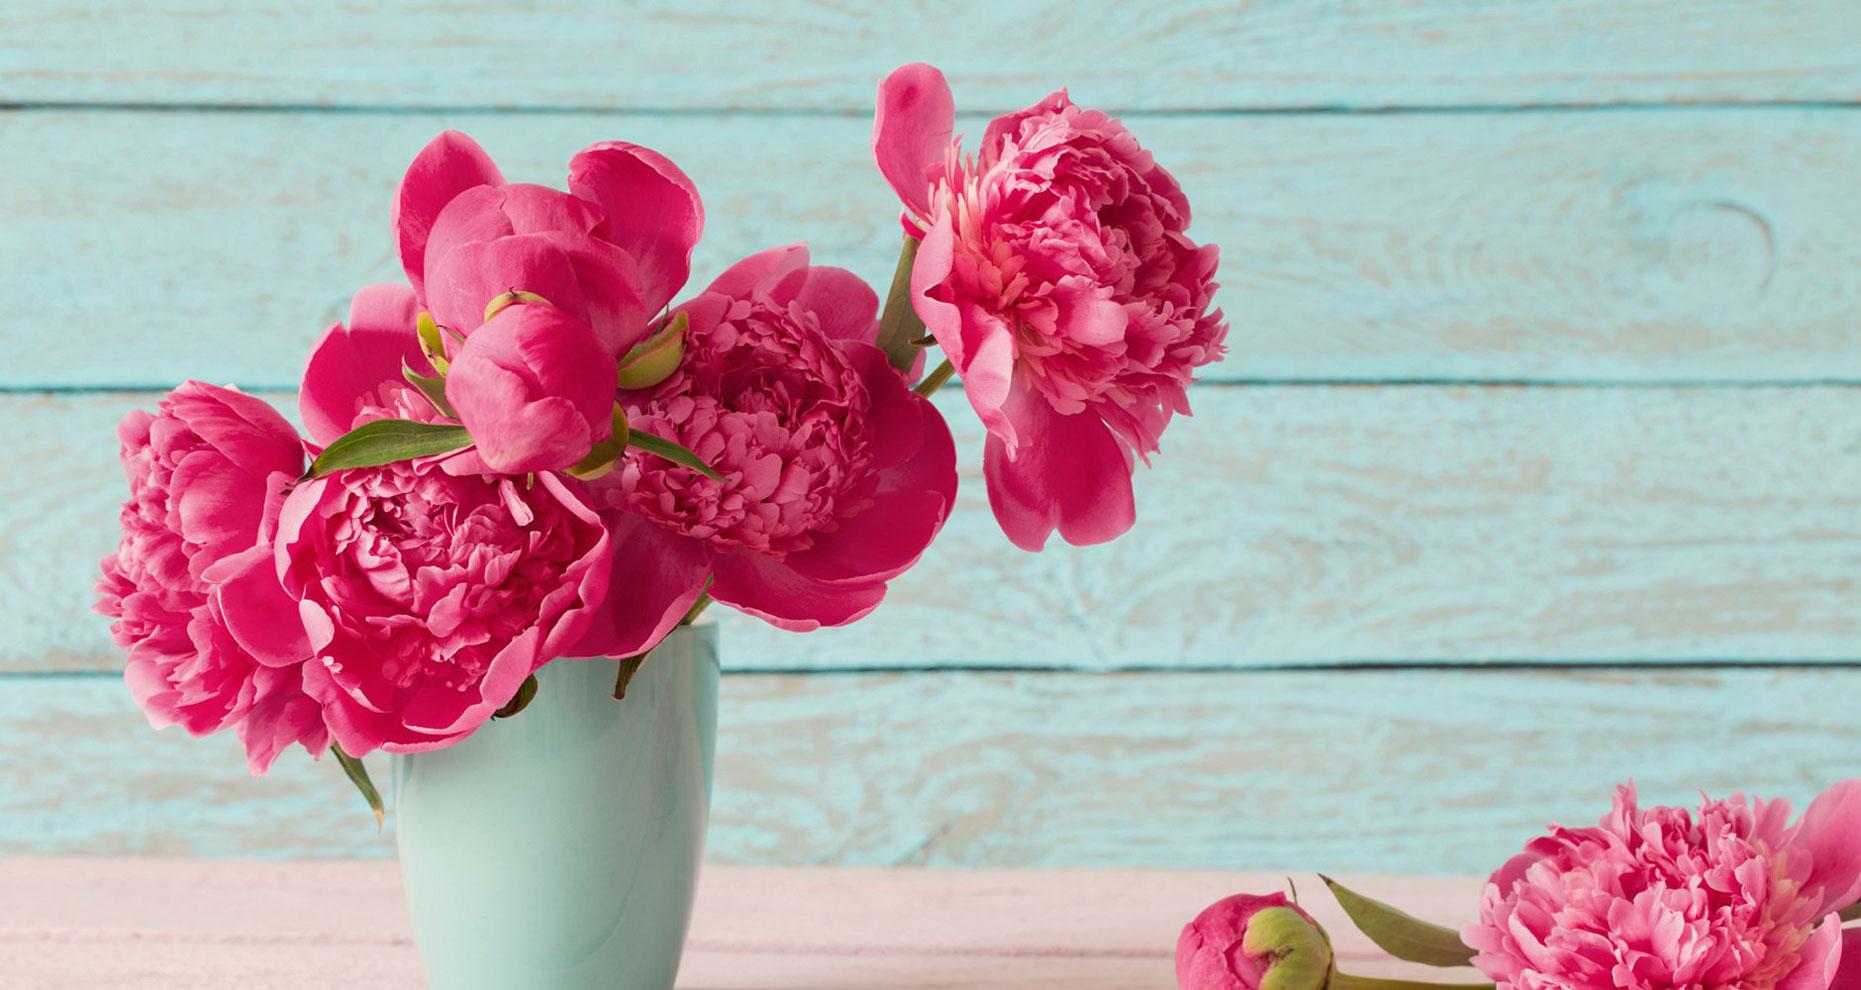 گل صدتومنی هدیه روز مادر